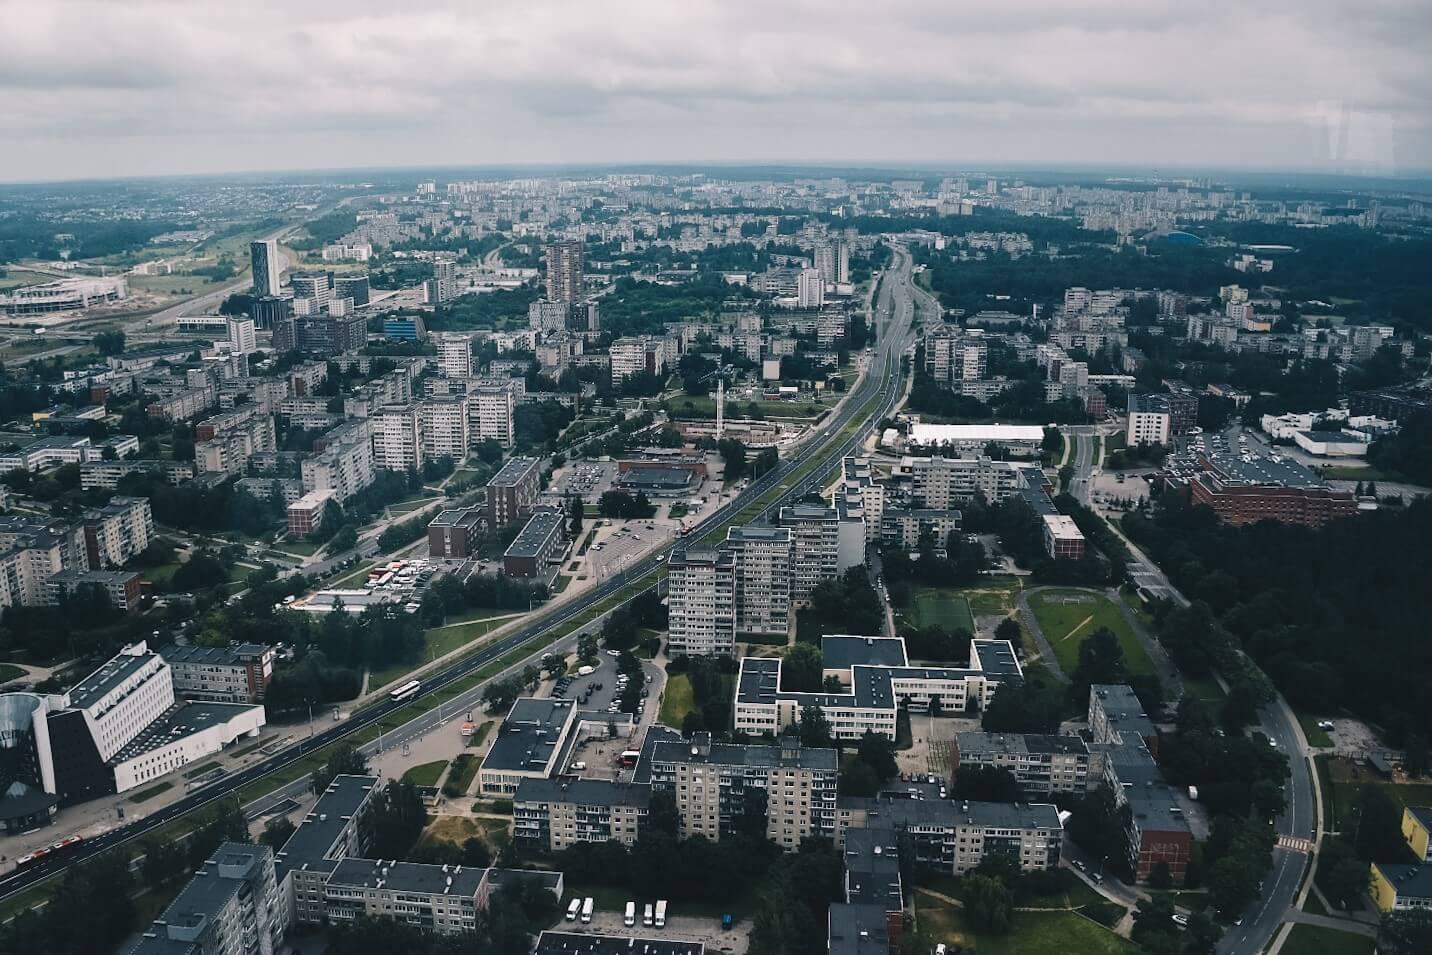 Wilno widziane z tarasu wieży telewizyjnej, szare blokowisko z wielkiej płyty przecięte ulicą